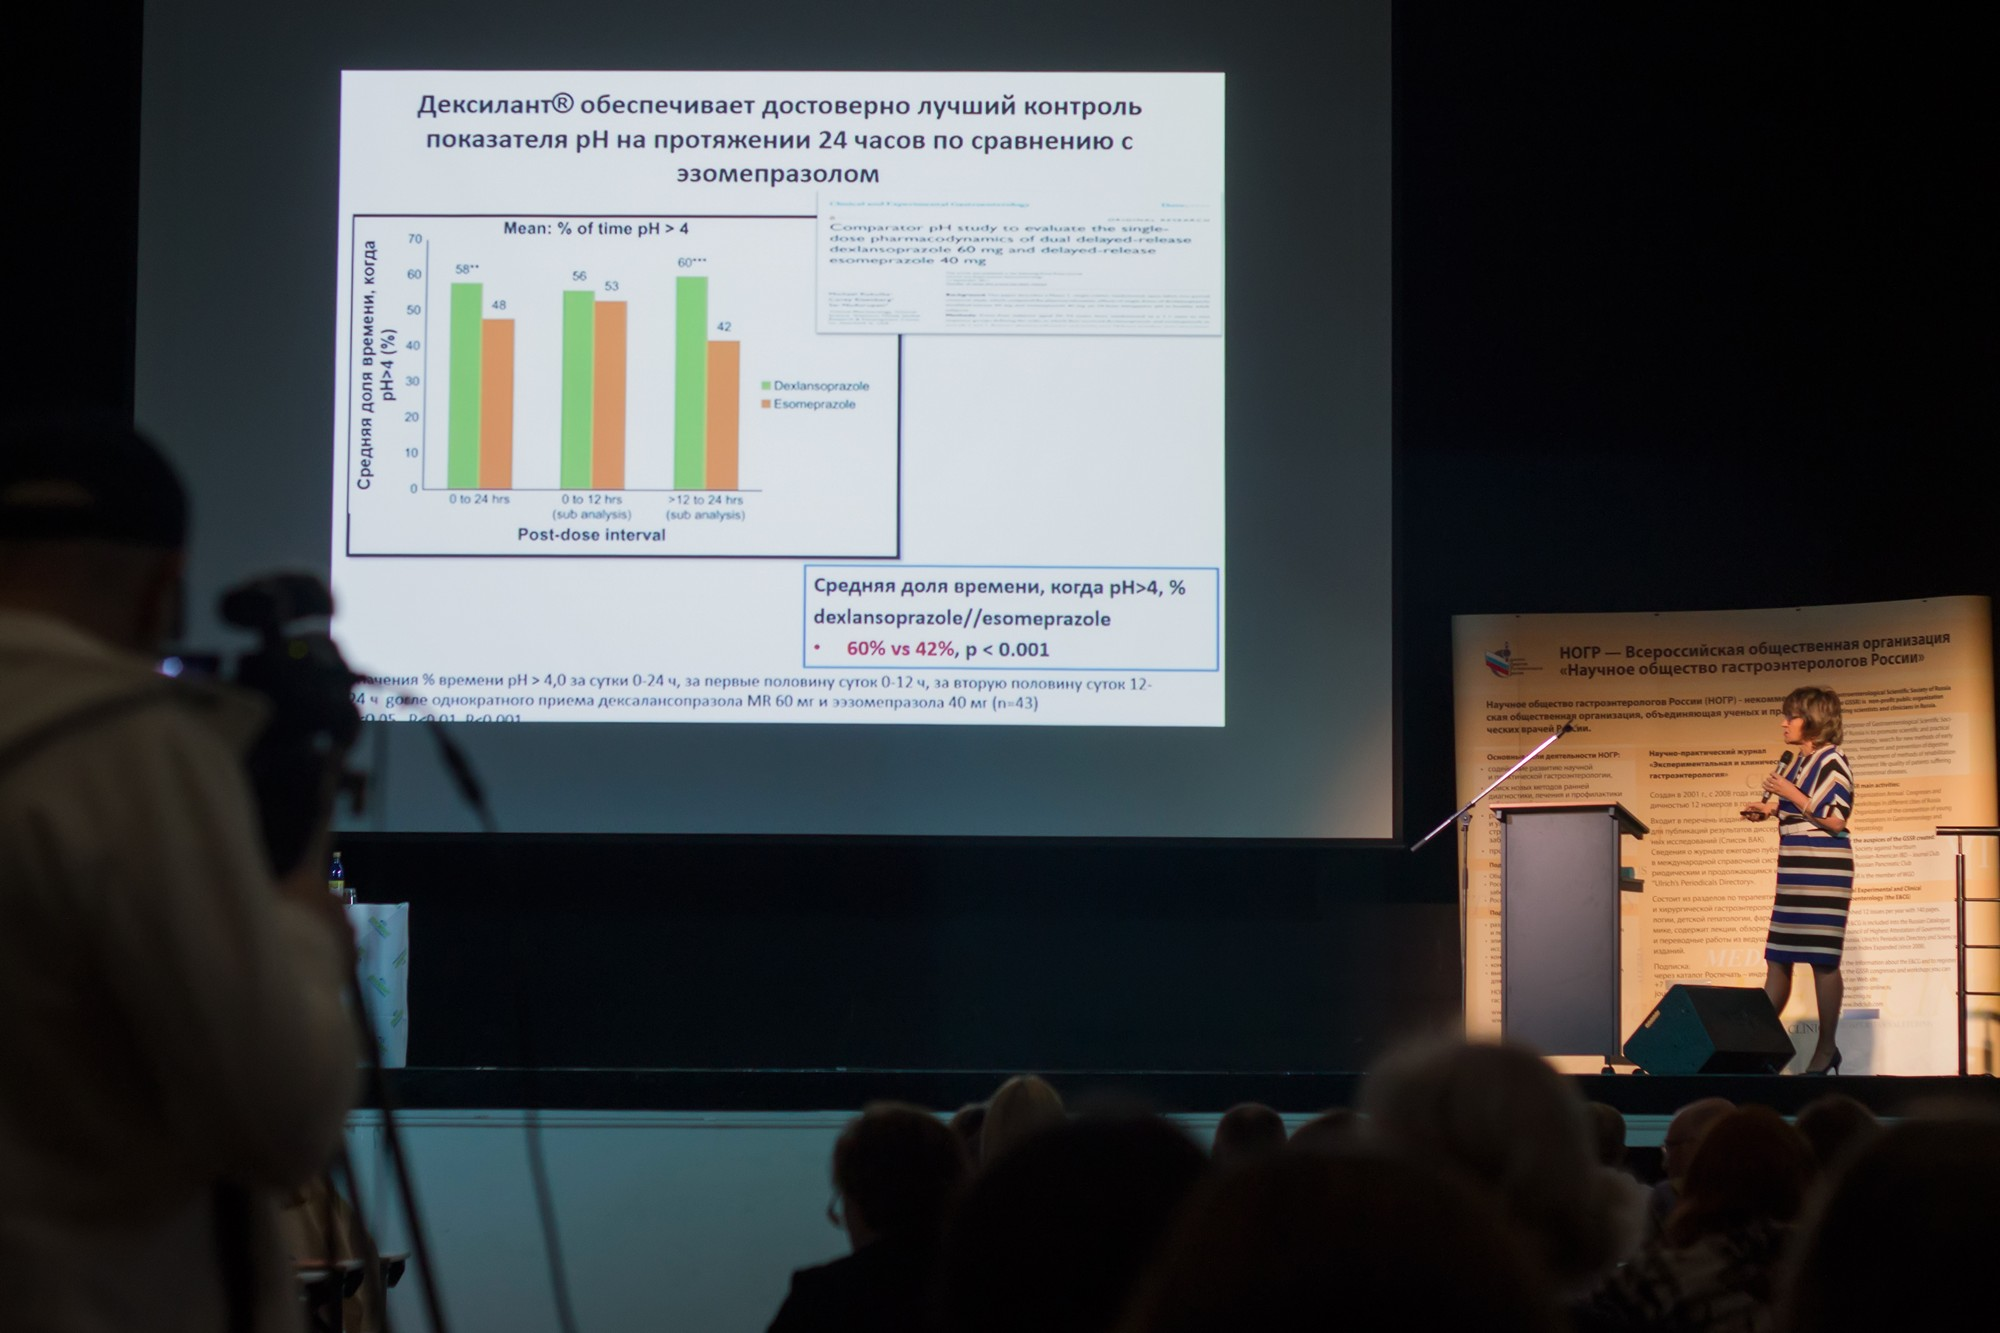 Дексилант обеспечивает достоверно лучший контроль показателя рН на протяжении 24 часов по сравнению с эзомепразолом (М.Ф. Осипенко)